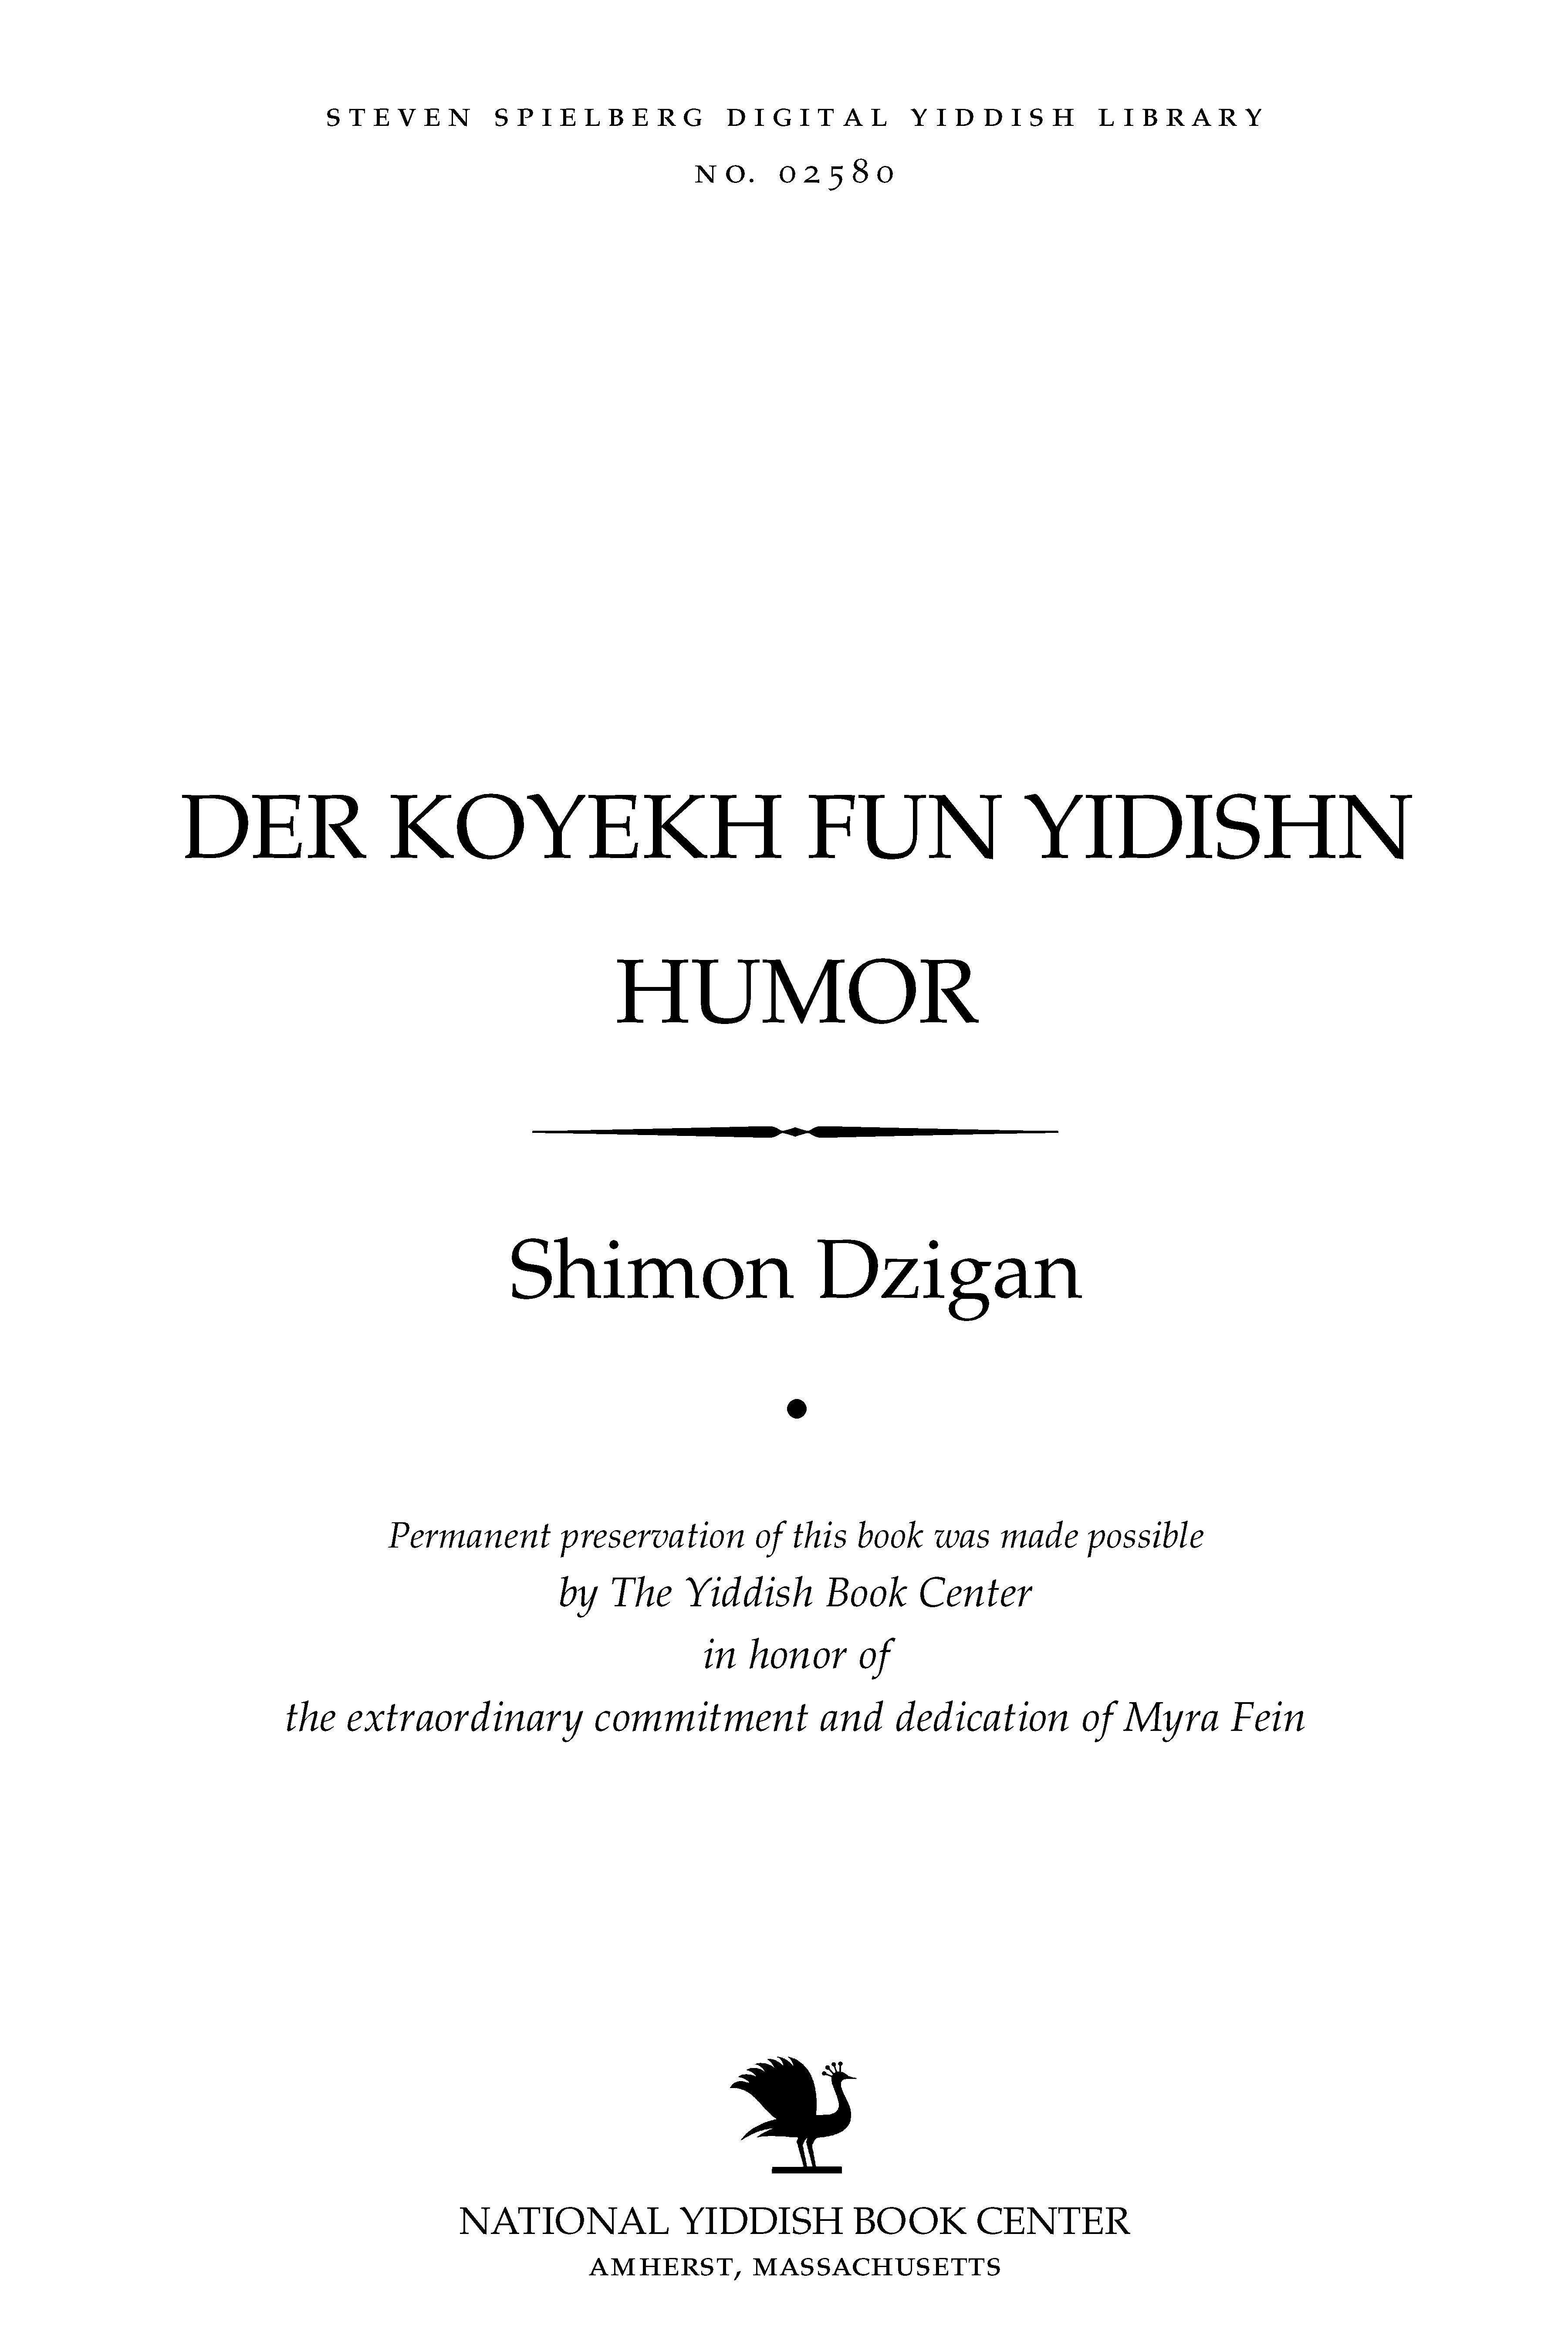 Der koyekh fun yidishn humor by Shimon Dzigan